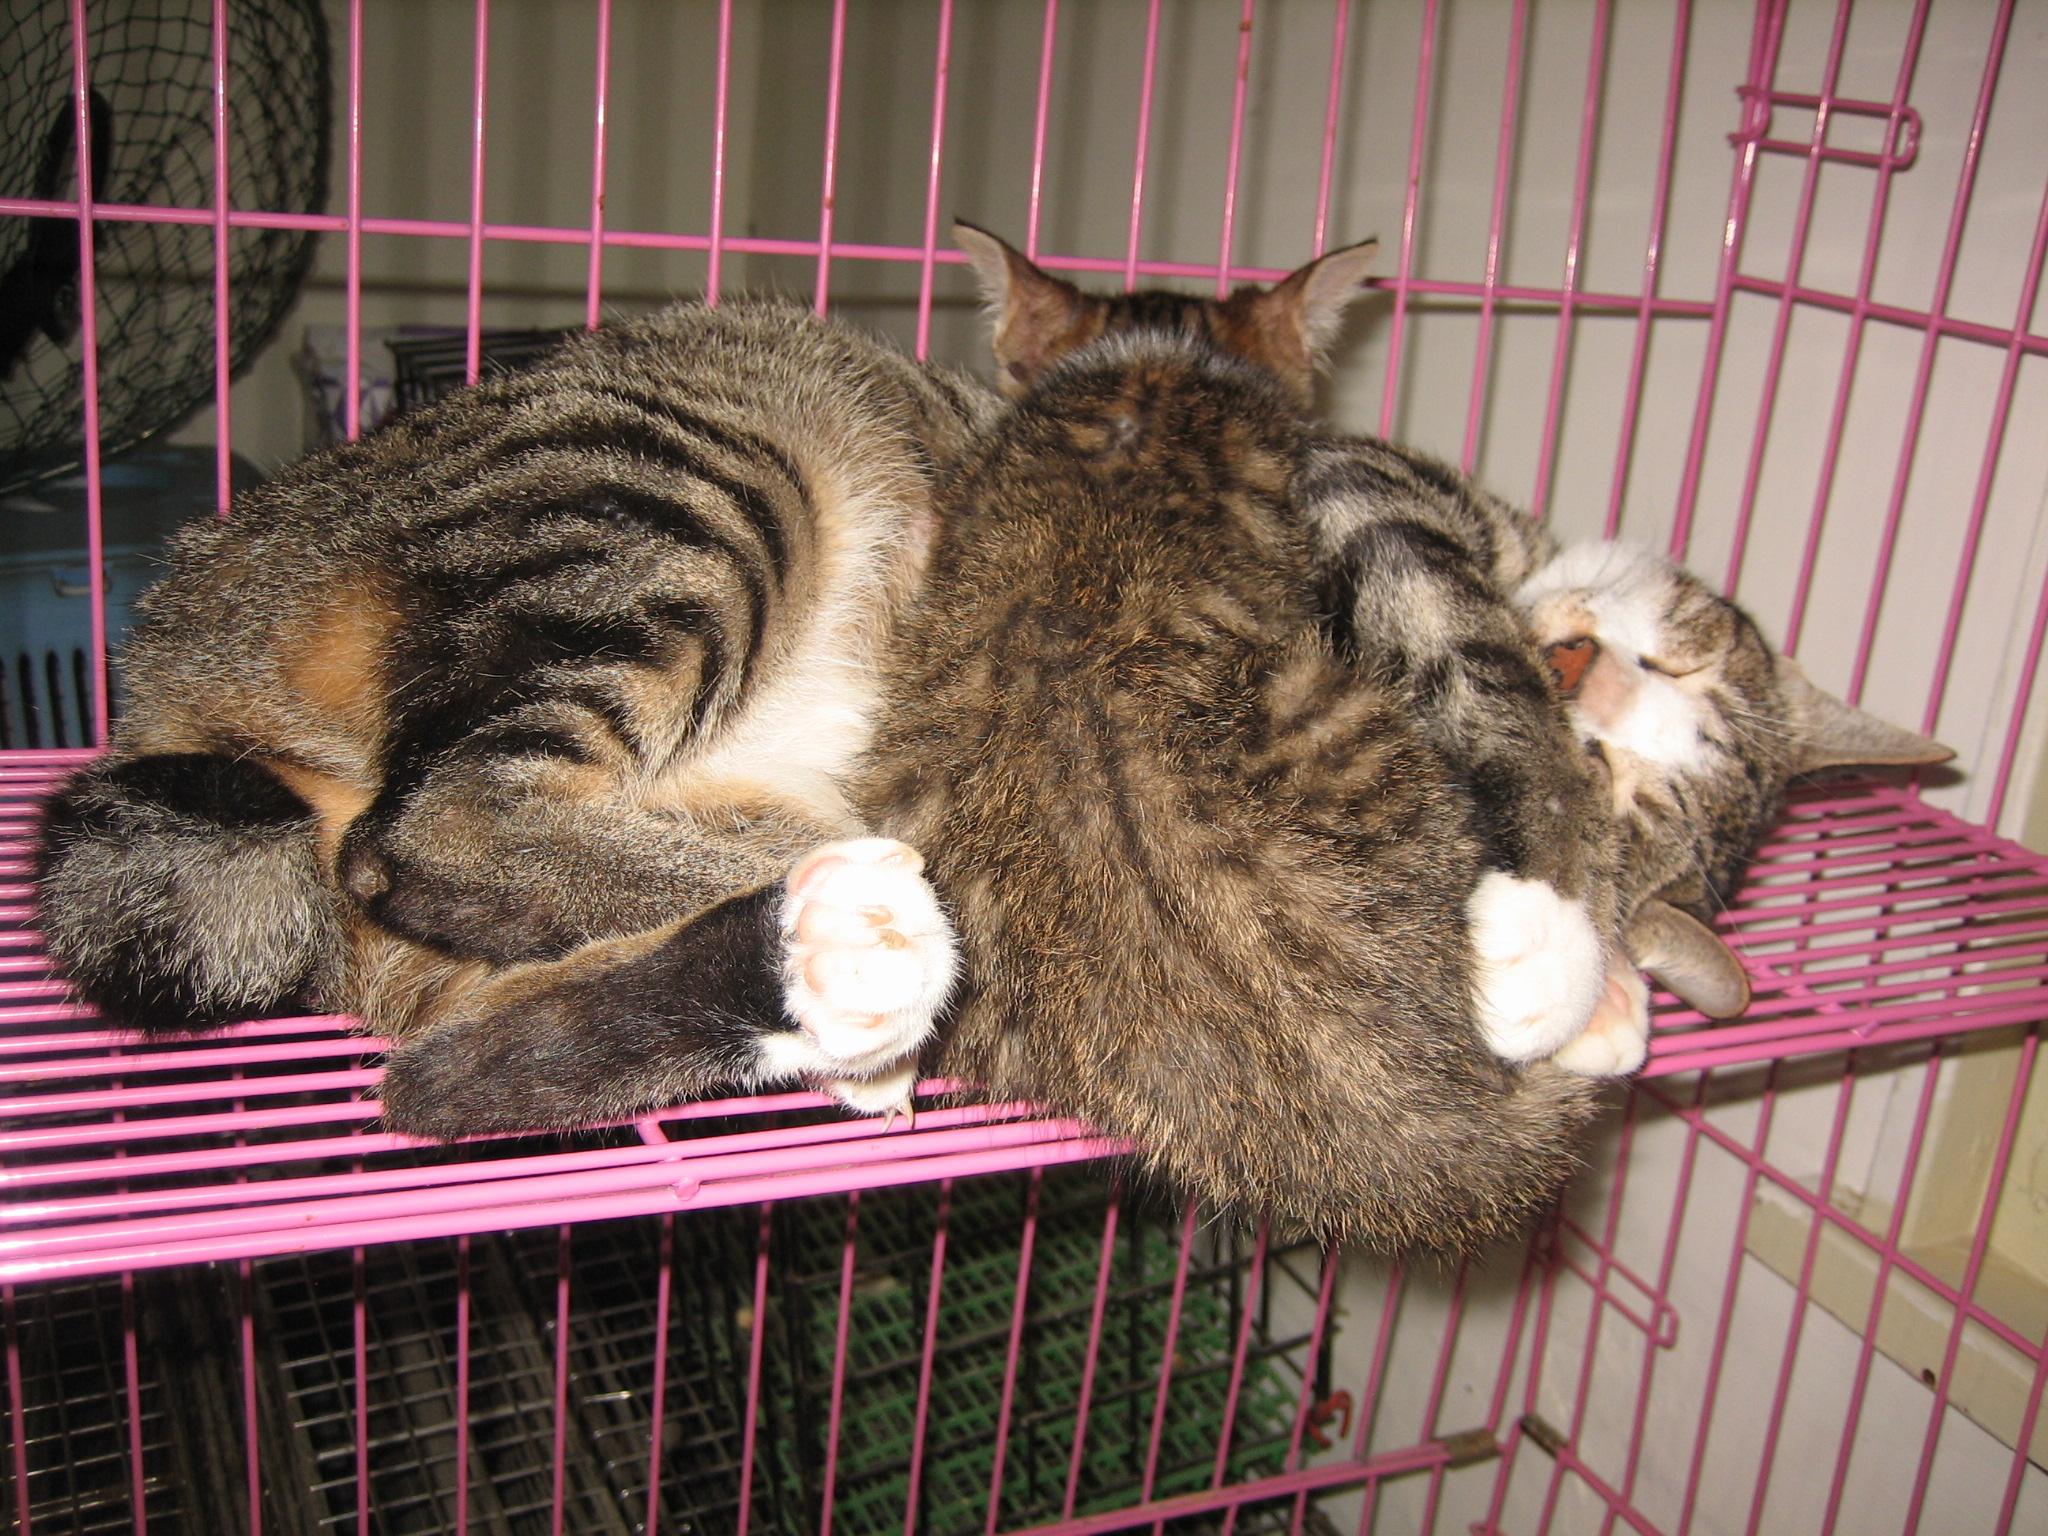 蛋蛋超级照顾小猫咪的,常常和小猫咪们抱在一起睡觉觉